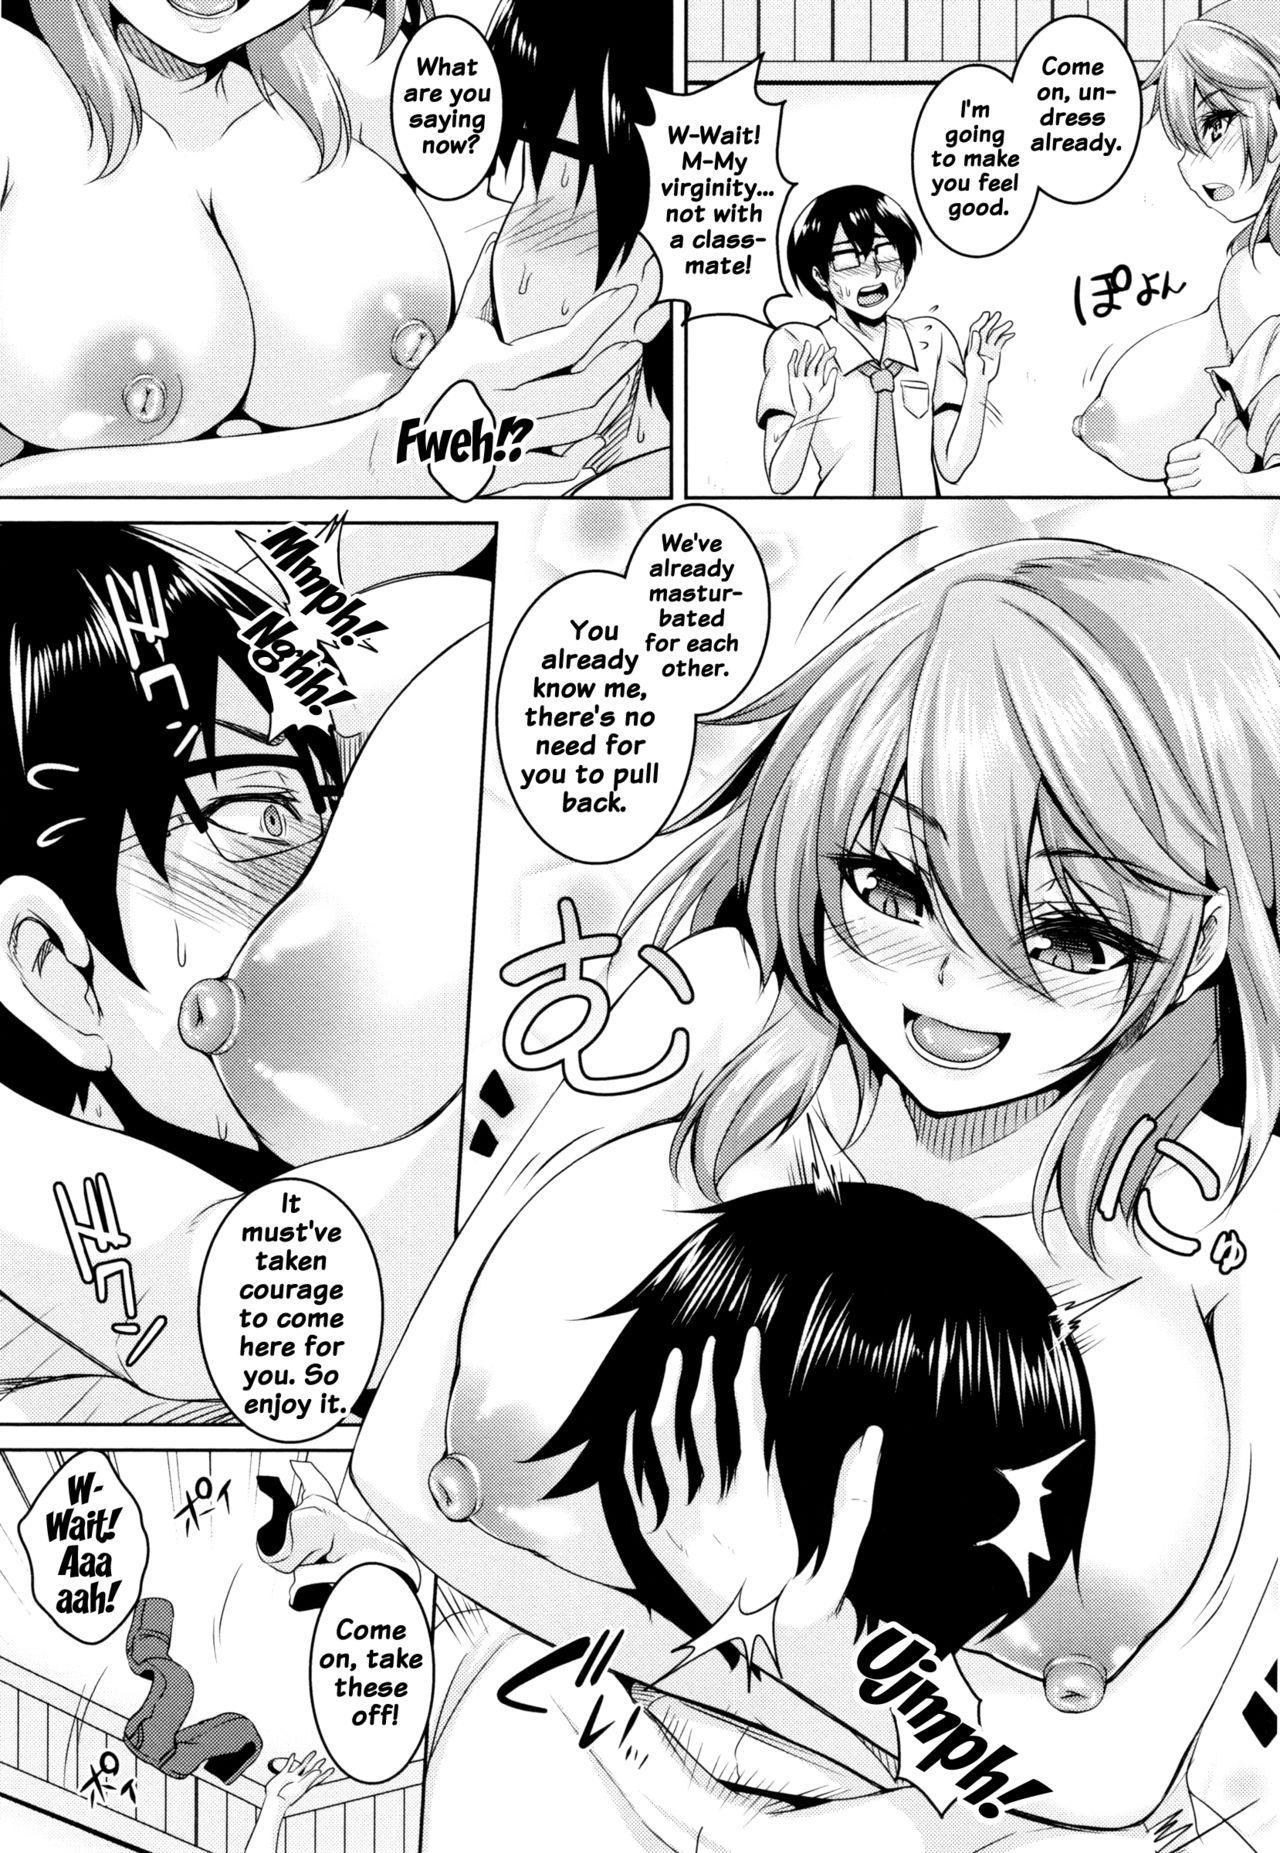 [Kazuhiro] Namaiki Haramasex Ch 1-3, 7-8 [English] {doujins.com} 80